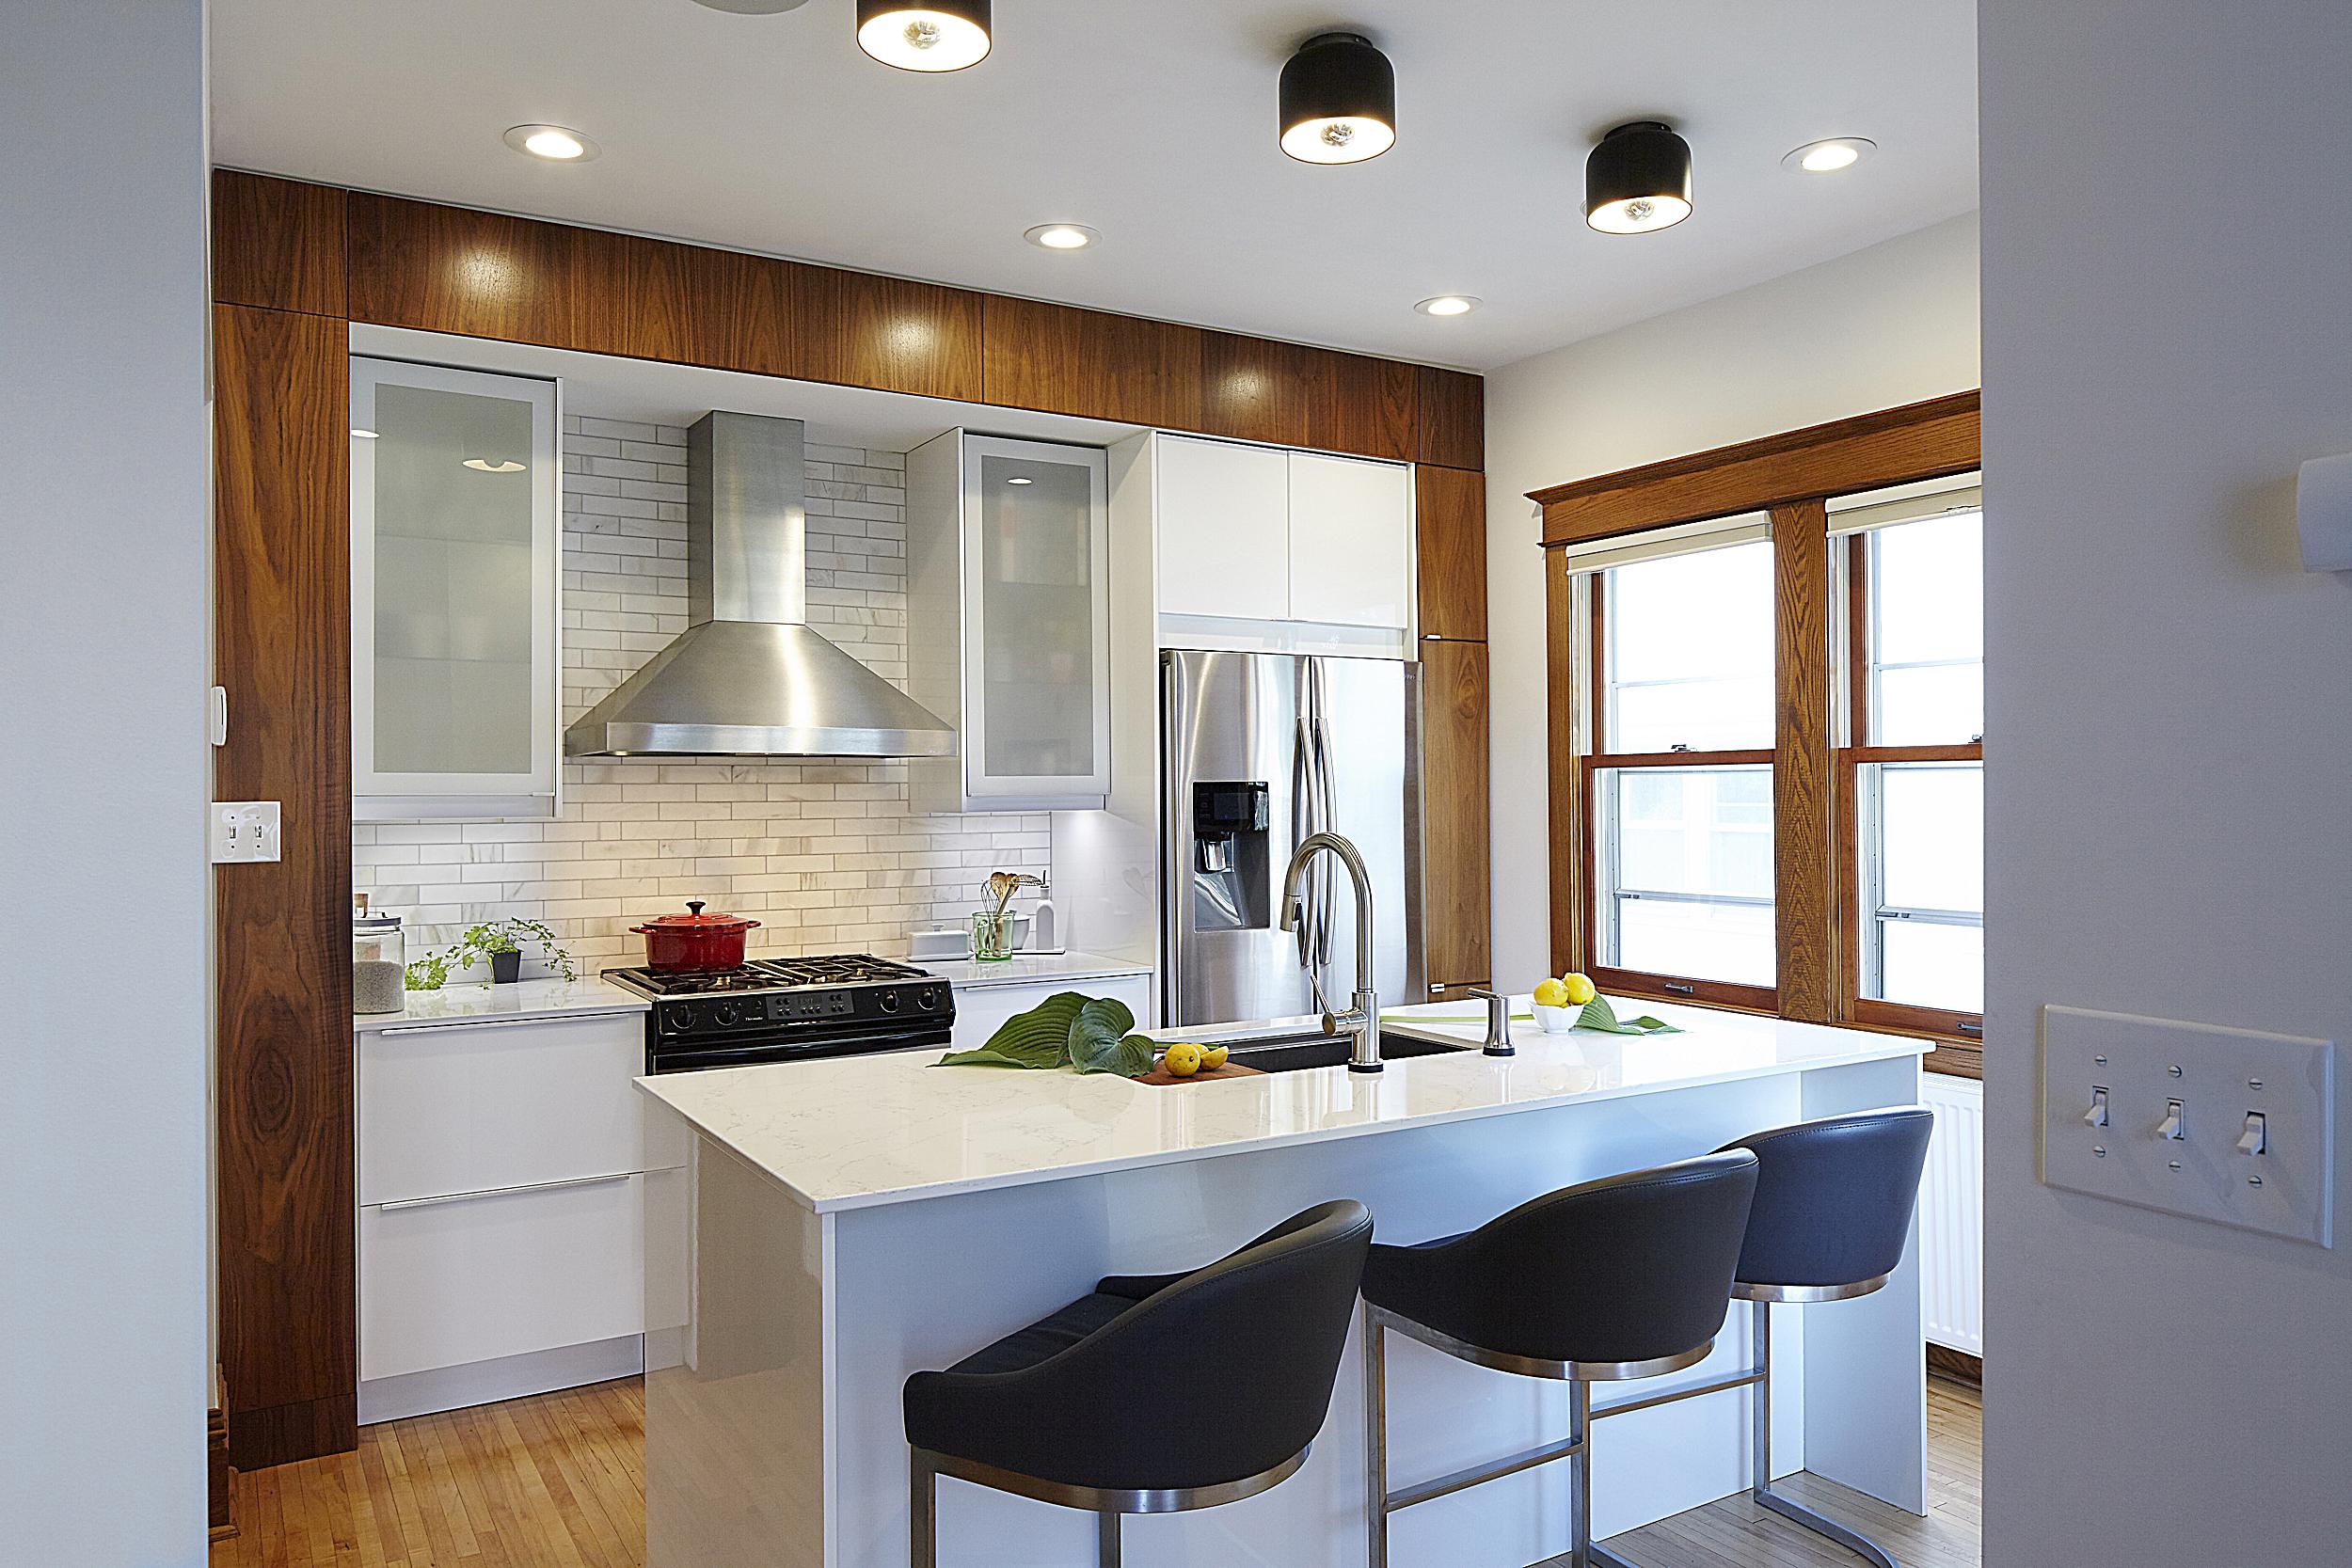 kitchen angle_076 copy.jpg